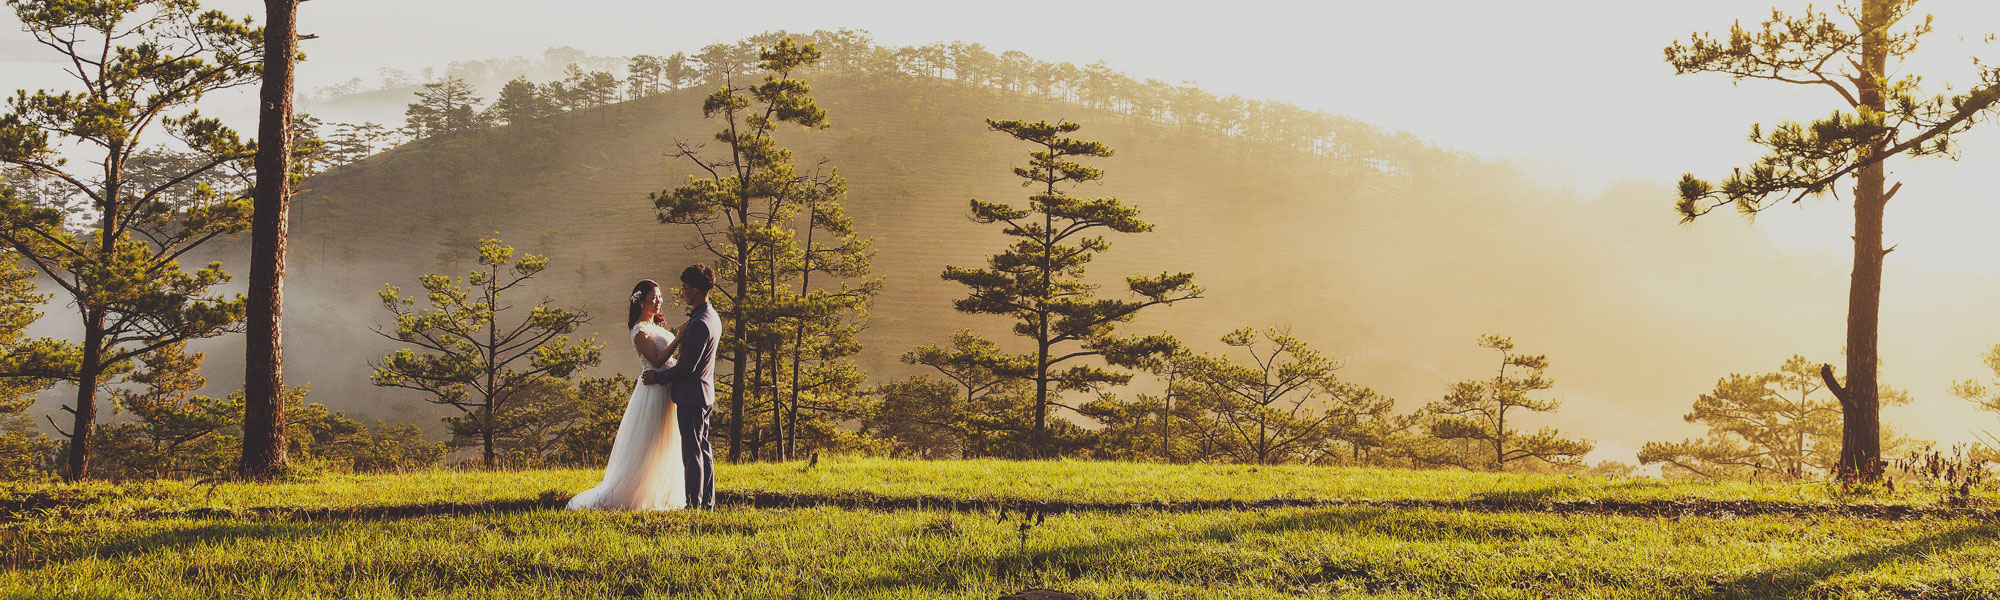 Bilde av ektepar på plen med fjell og trær i bakgrunnen